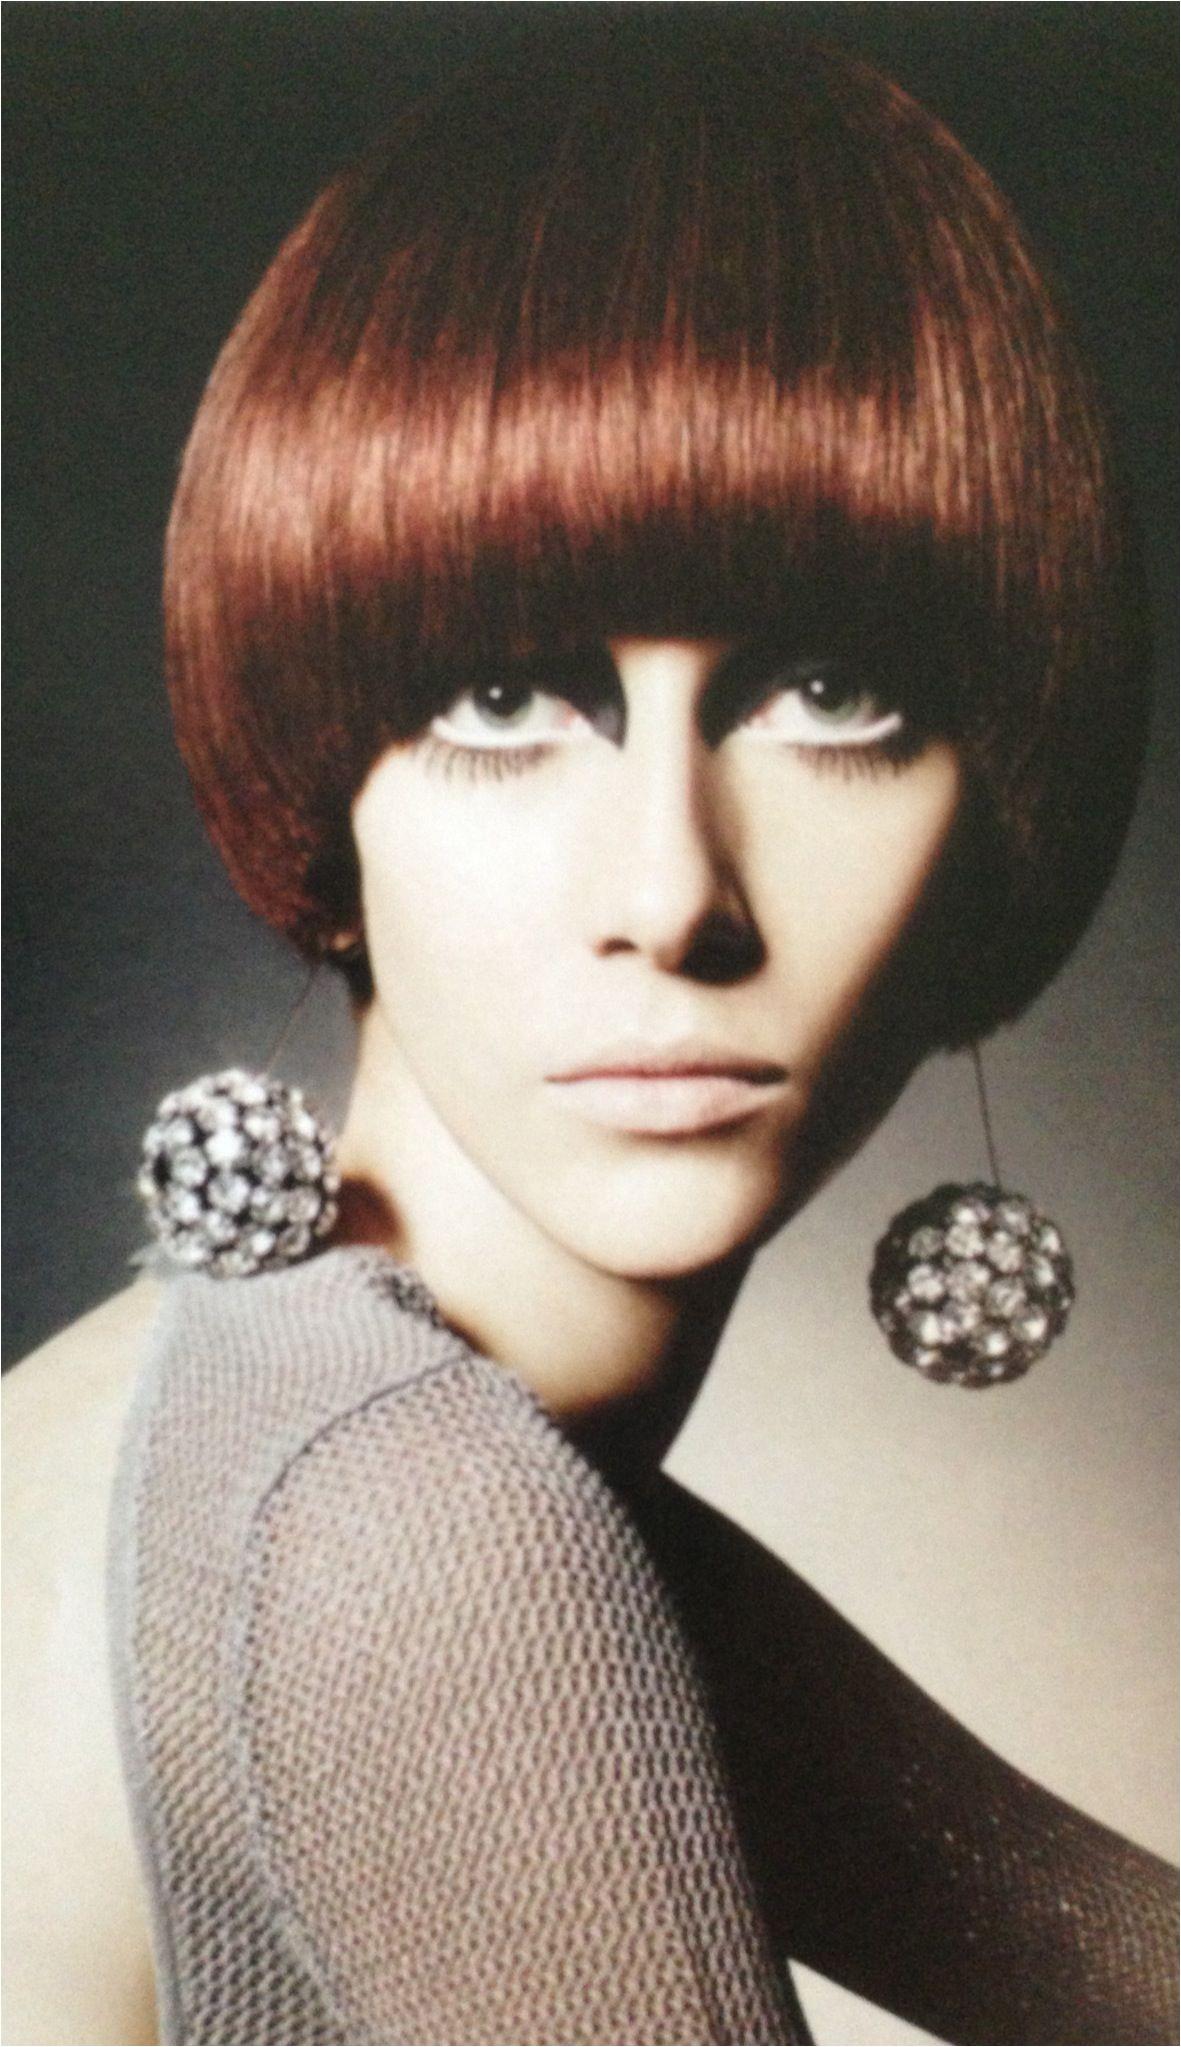 1960 s Mod Hair & Makeup round bowl cut Mod Hair 60 Fashion